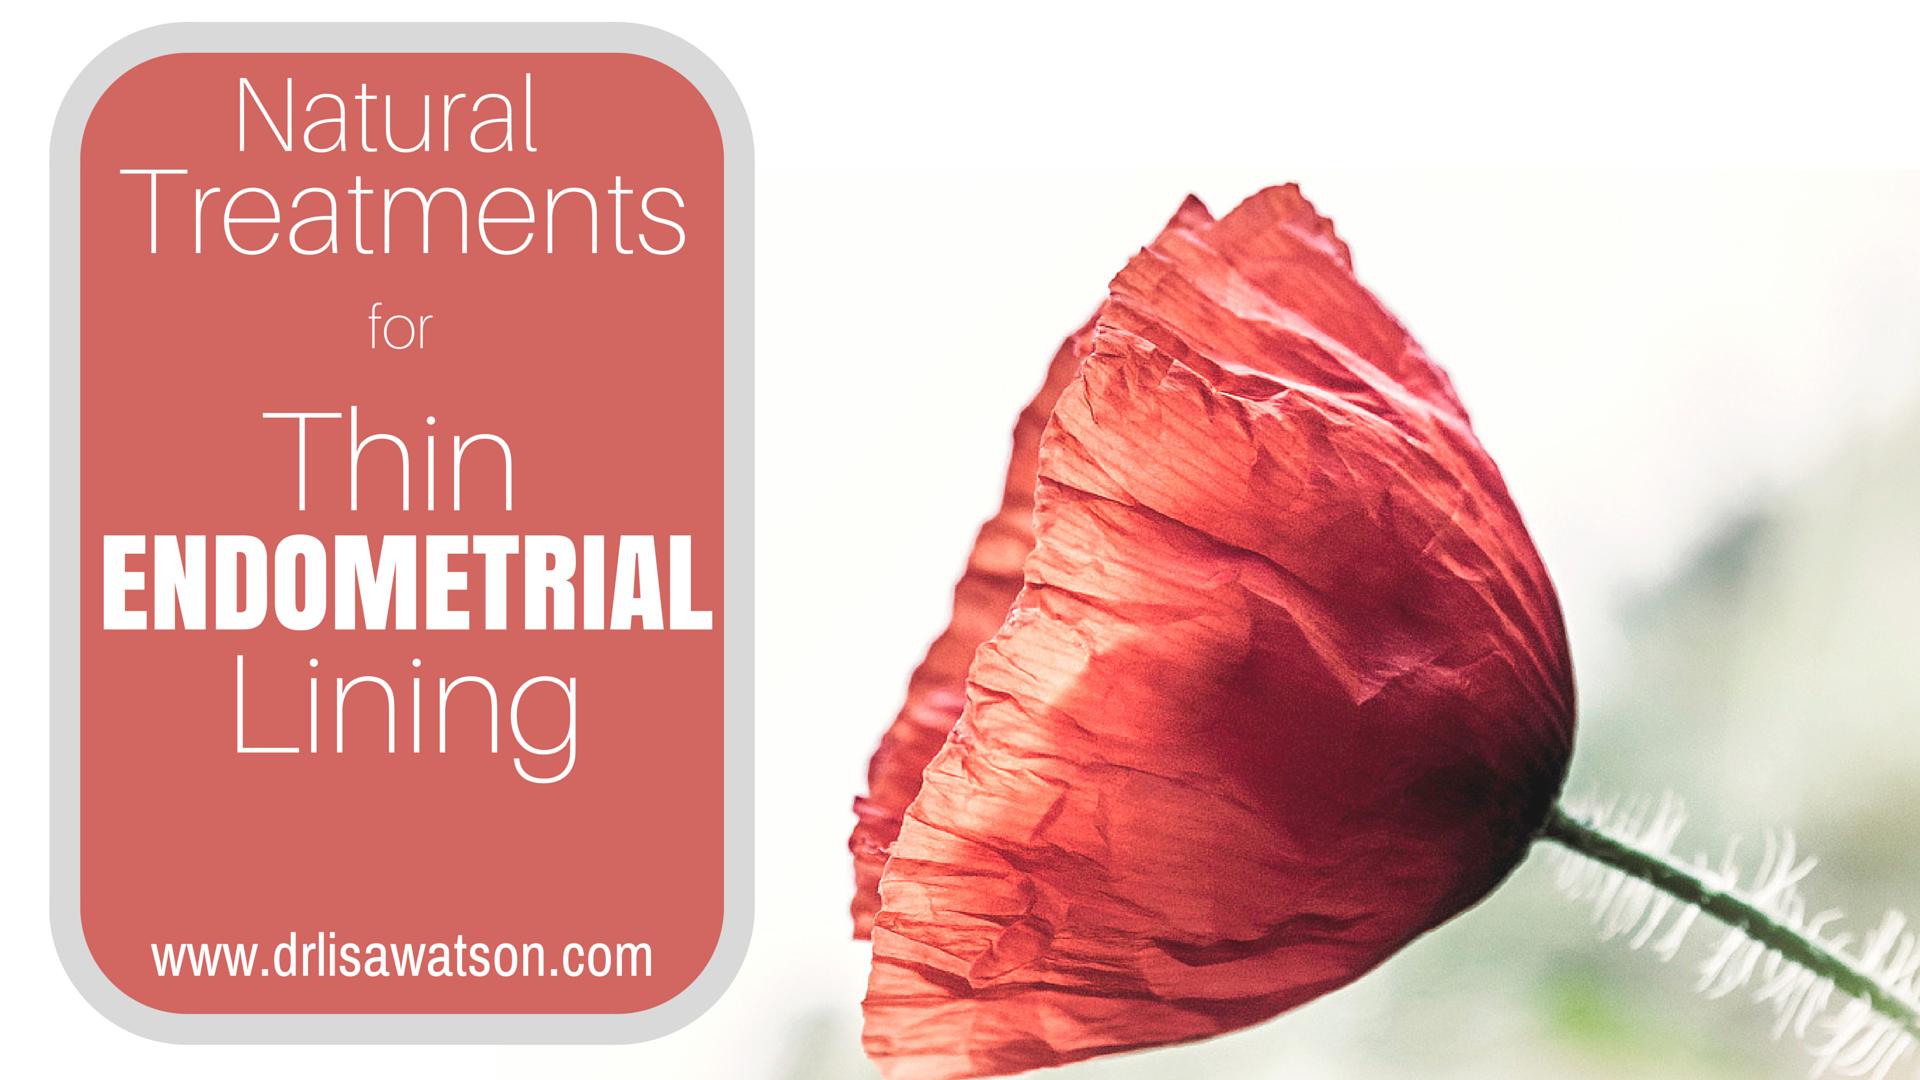 endometrium lining-#13